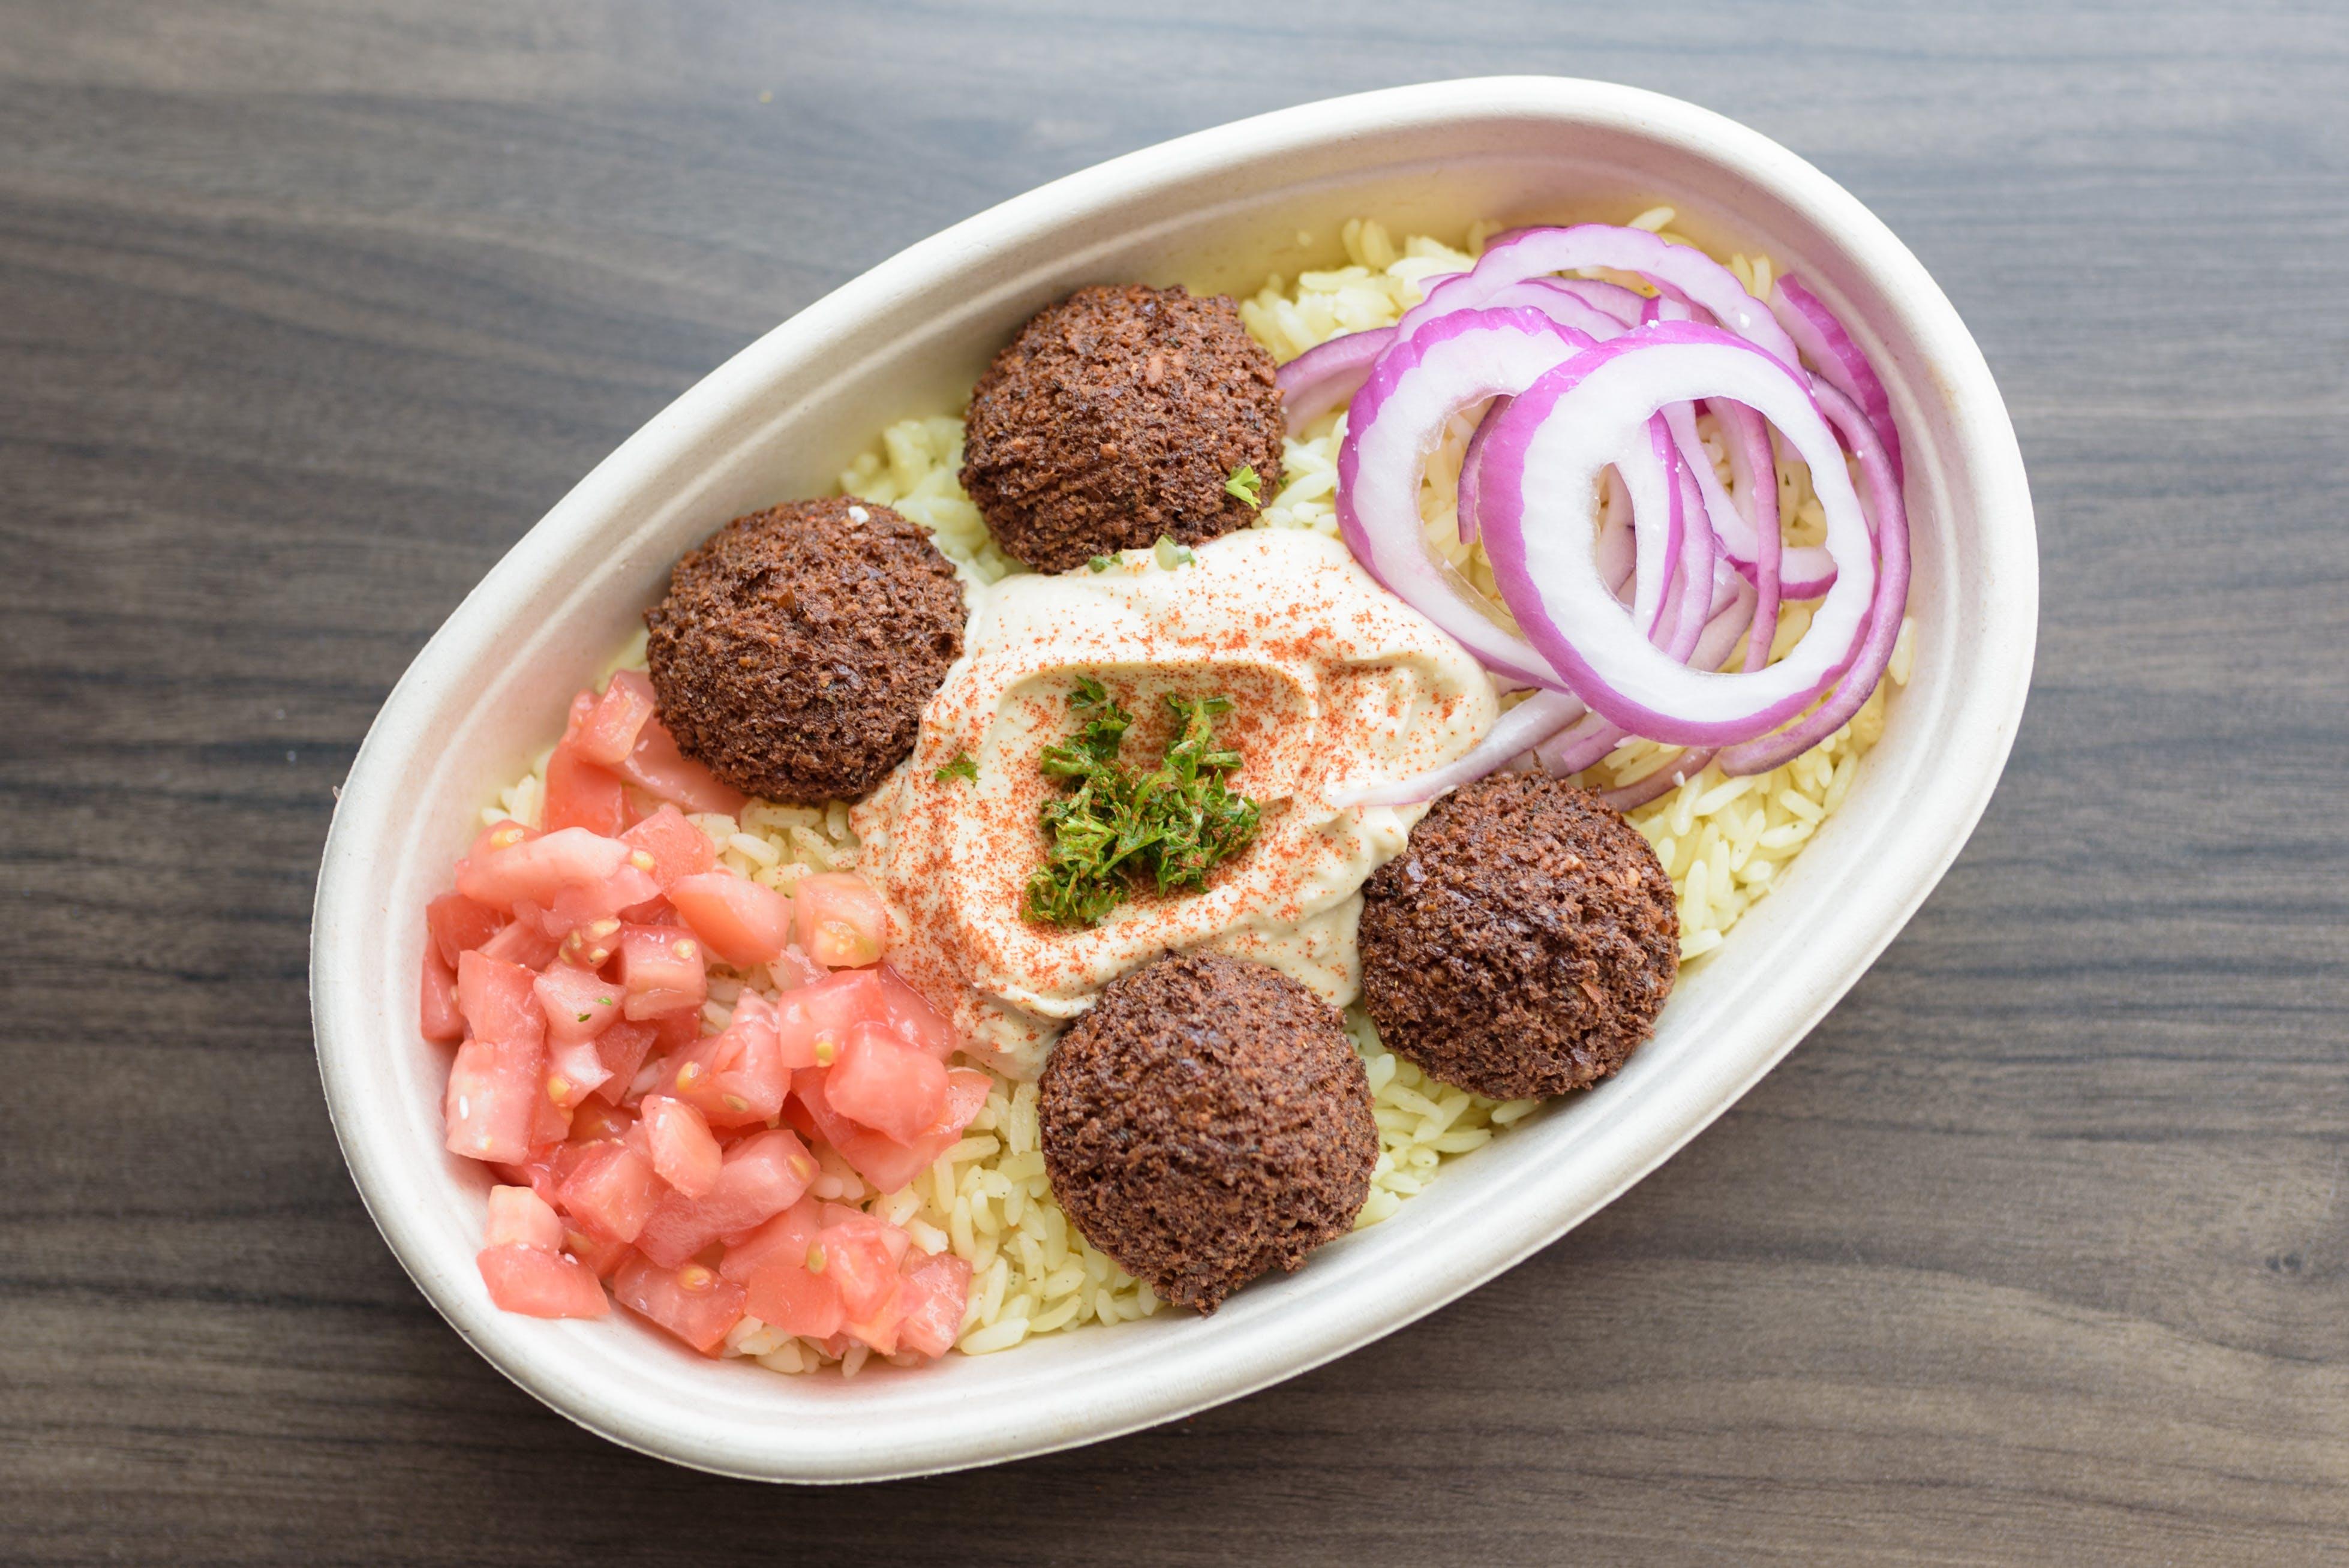 Falafel Bowl from Baba Dari Ann Arbor in Ann Arbor, MI